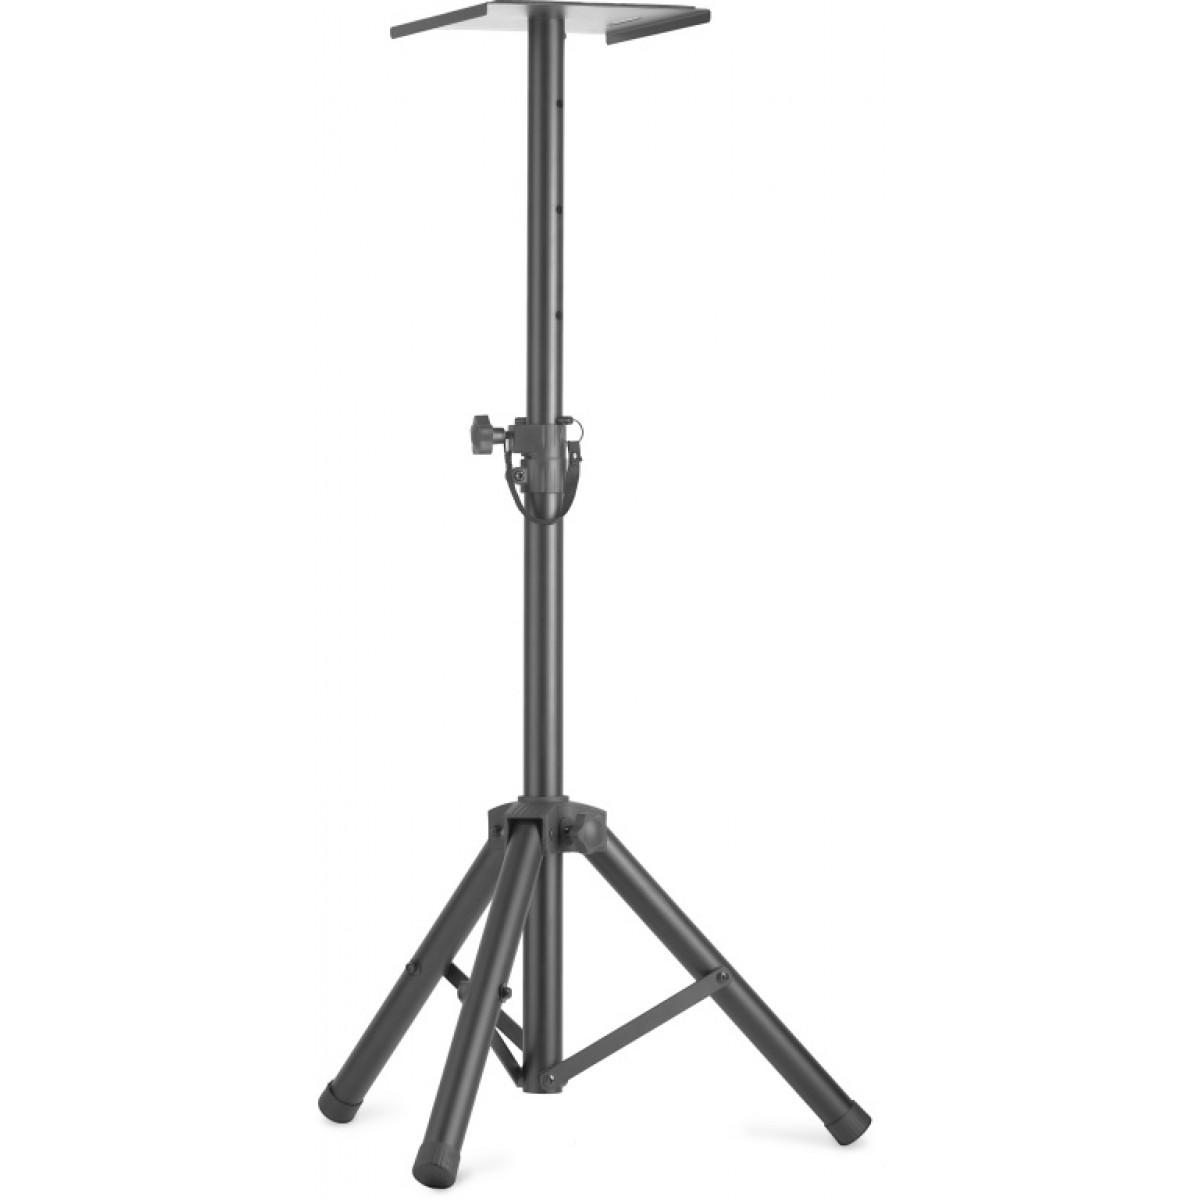 oder Lichtstative mit einklappbaren Beinen Zwei höhenverstellbare Monitor